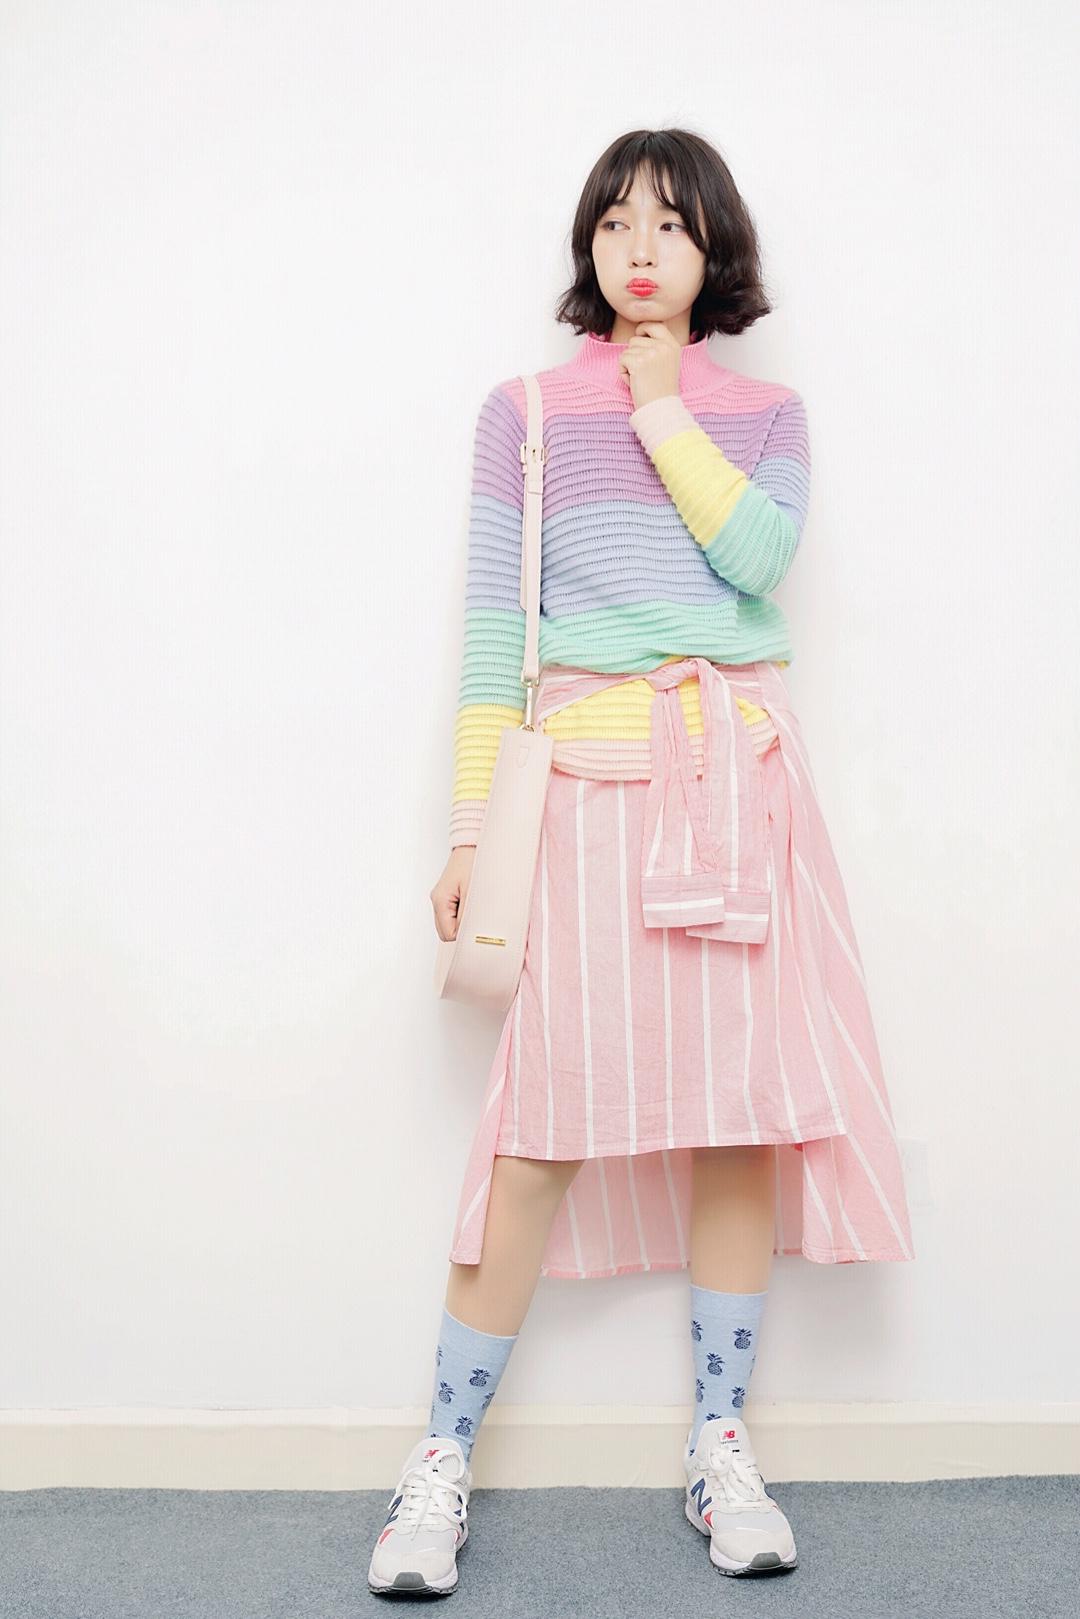 #马卡龙色开启霸屏模式!# 今天给大家推荐一款少女感爆棚的马卡龙彩虹穿搭,很多搭配都崇尚一身穿搭不超多三个颜色不然就会色彩错乱,但是其实不会,色系统一,多色撞色一样很时髦,不会土~ 彩虹色针织衫时髦度十足,非常特别,我用它来搭配了粉色的衬衫半身裙子,用裙子袖子腰带的设计绑住上衣增加层次感,因为都是马卡龙色系所以很搭,搭配球鞋,很适合校园穿~